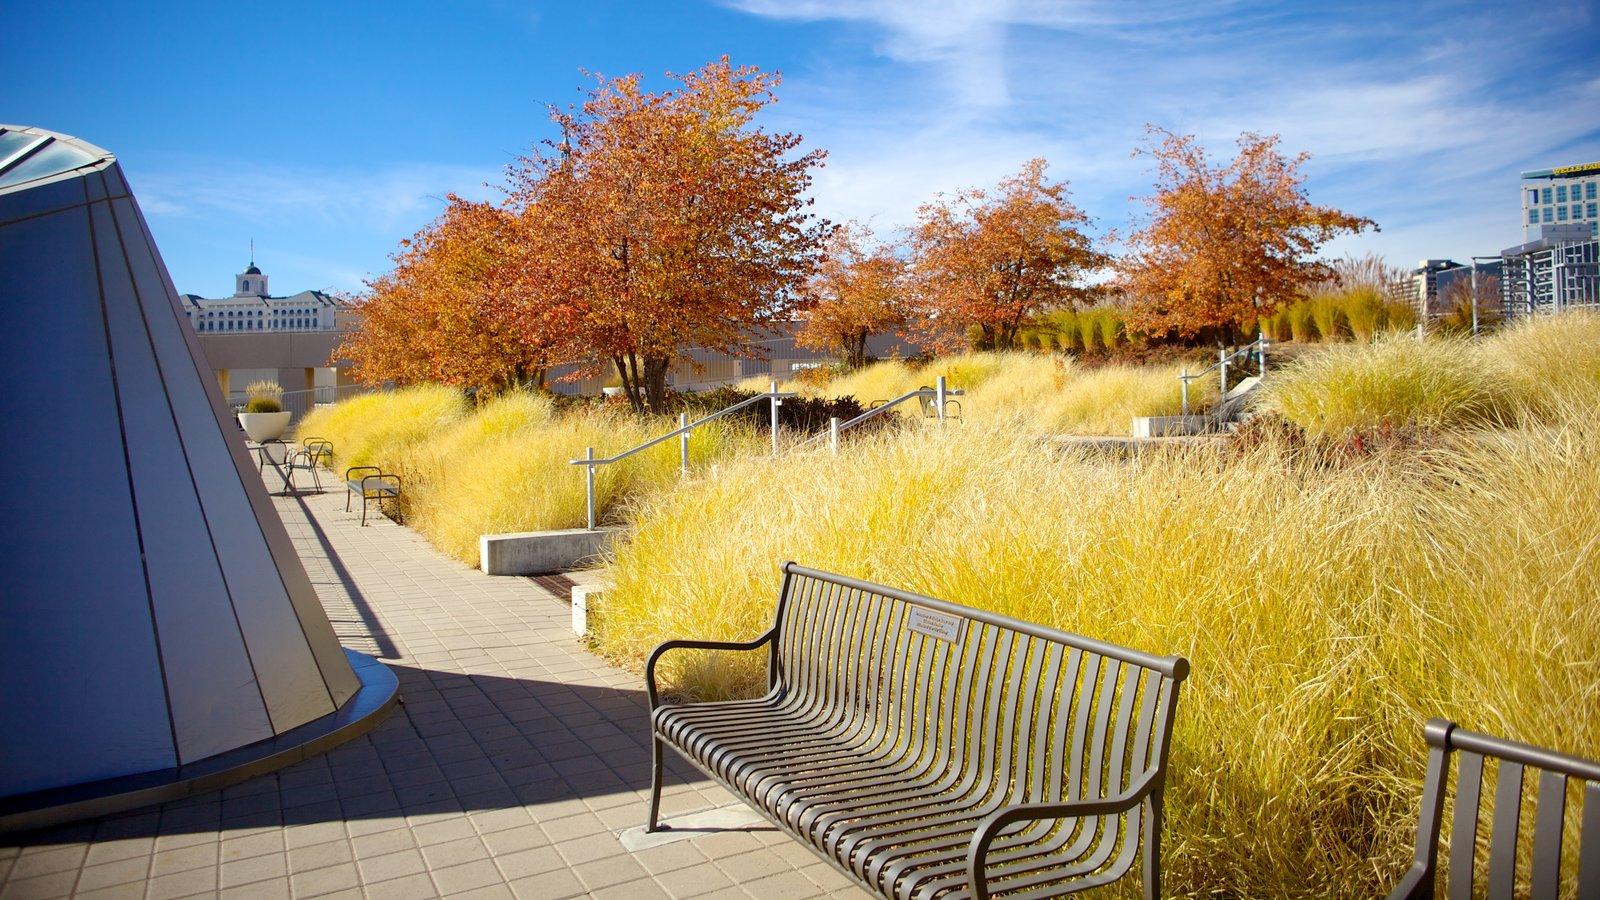 Edifício Principal da Biblioteca Pública de Salt Lake que inclui arquitetura moderna e folhas de outono